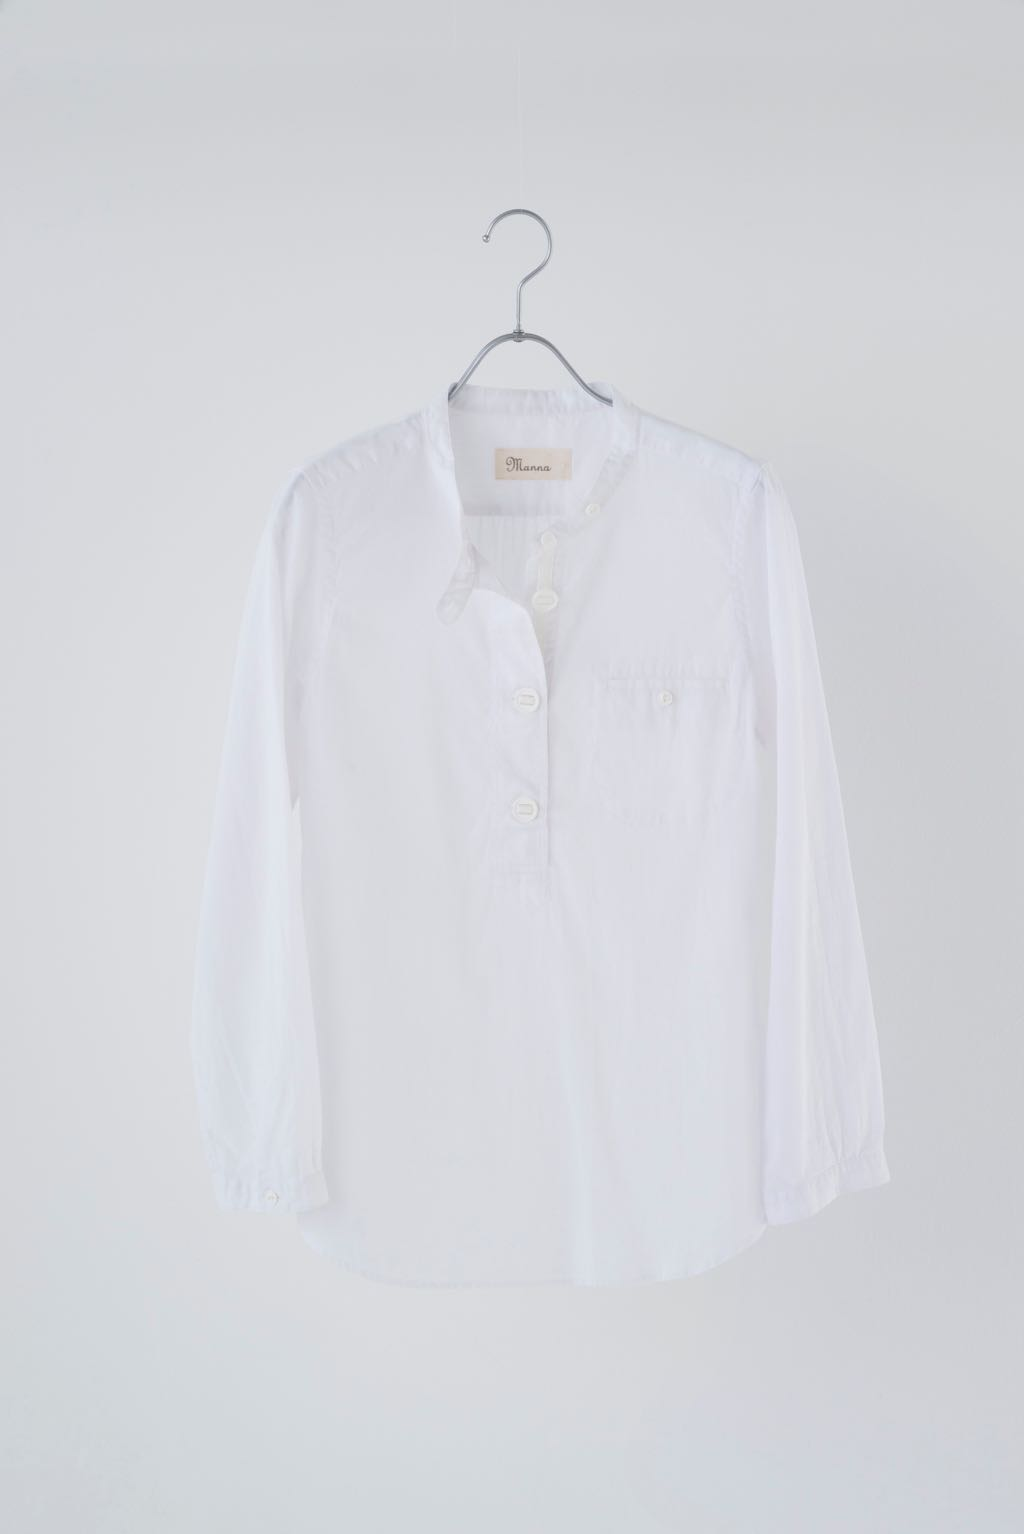 COTTON LINEN HENLY NECK SHIRT 174028 ¥15,000+tax